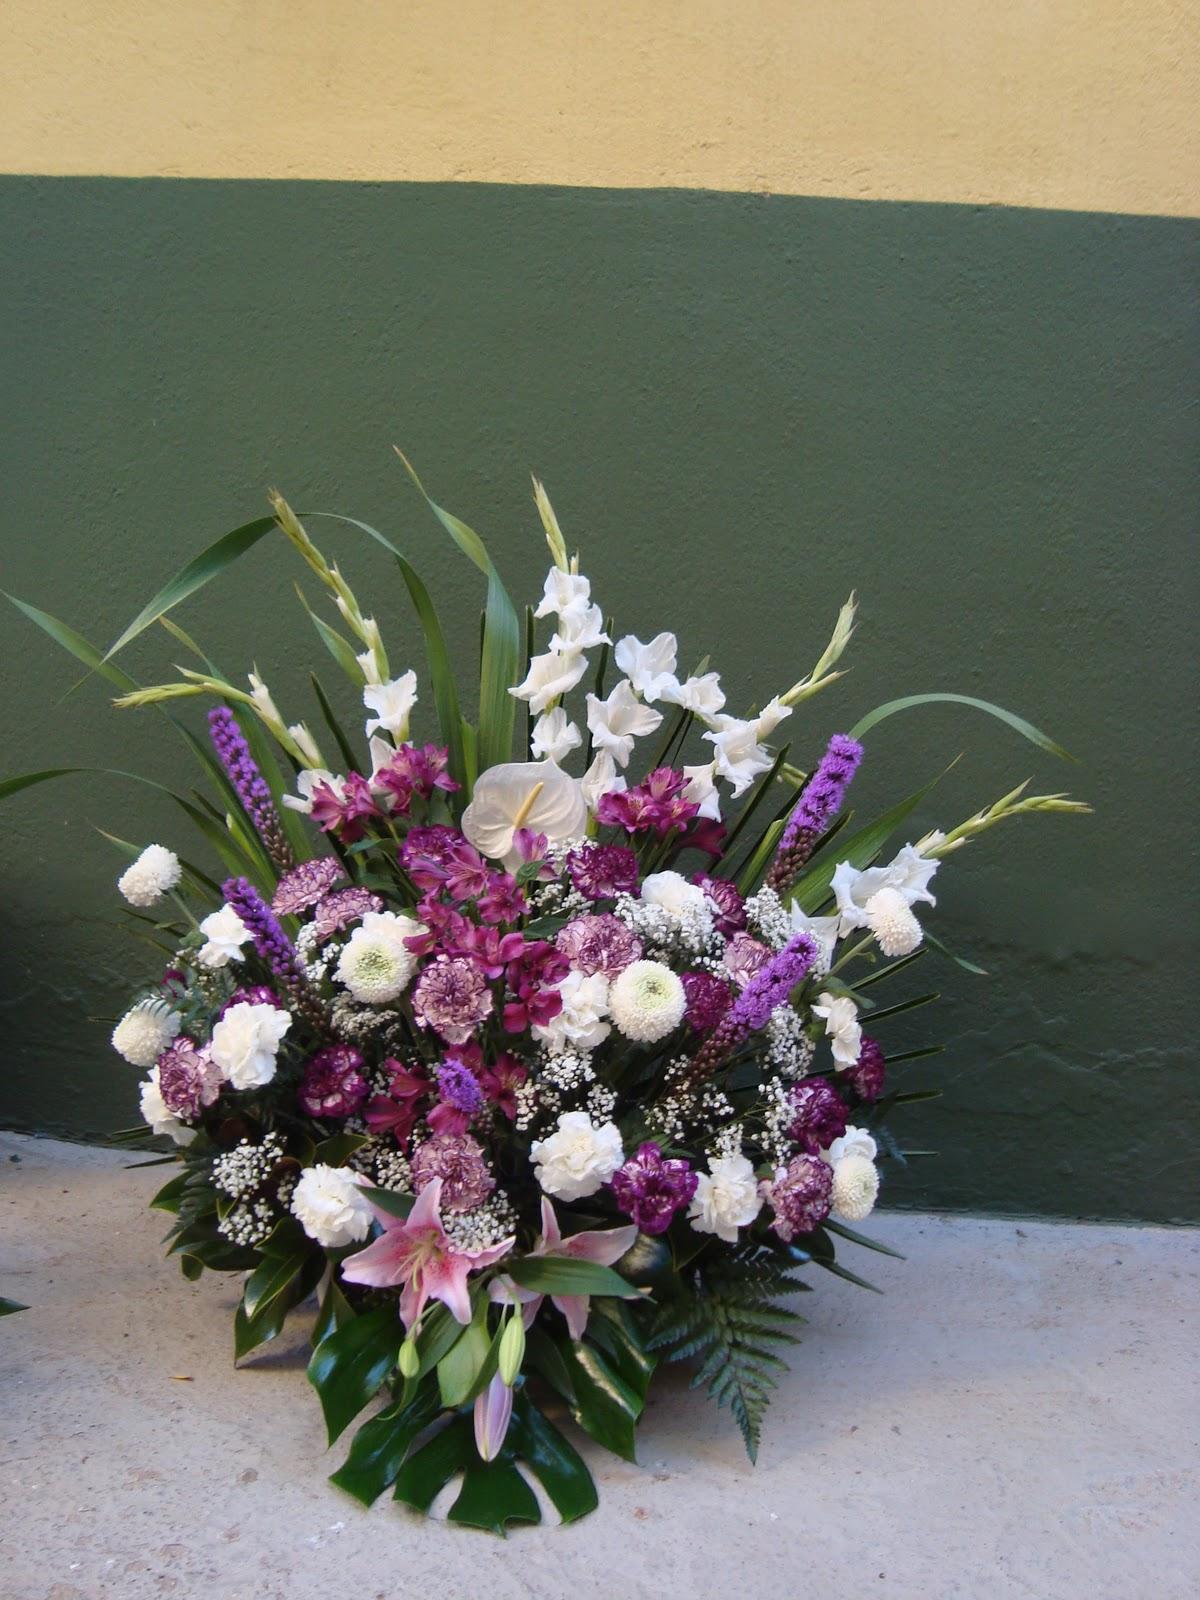 Fotos Centros De Flores Para Los Santos - Curiosidades Archivos Todo sobre flores para funerarios